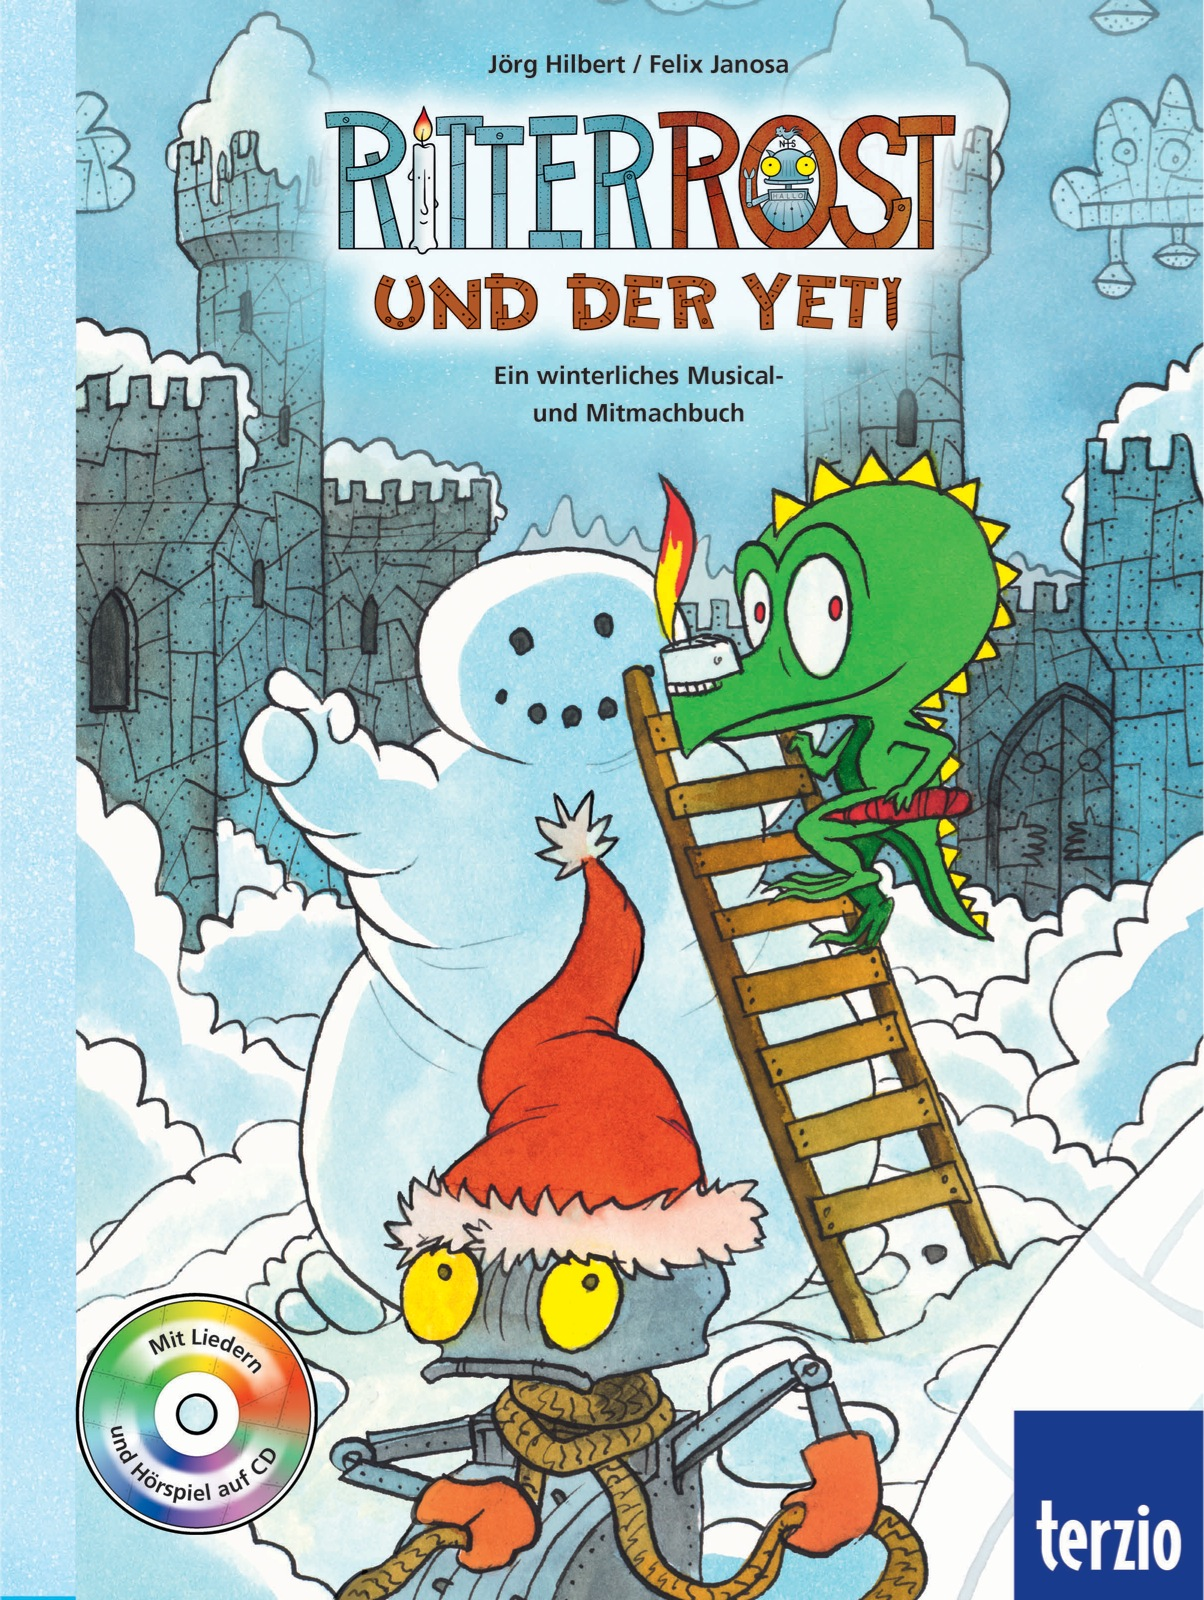 Ritter Rost - Ein winterliches Musical- und Mitmachbuch: Ritter Rost und der Yeti - Jörg Hilbert [mit Audio CD]